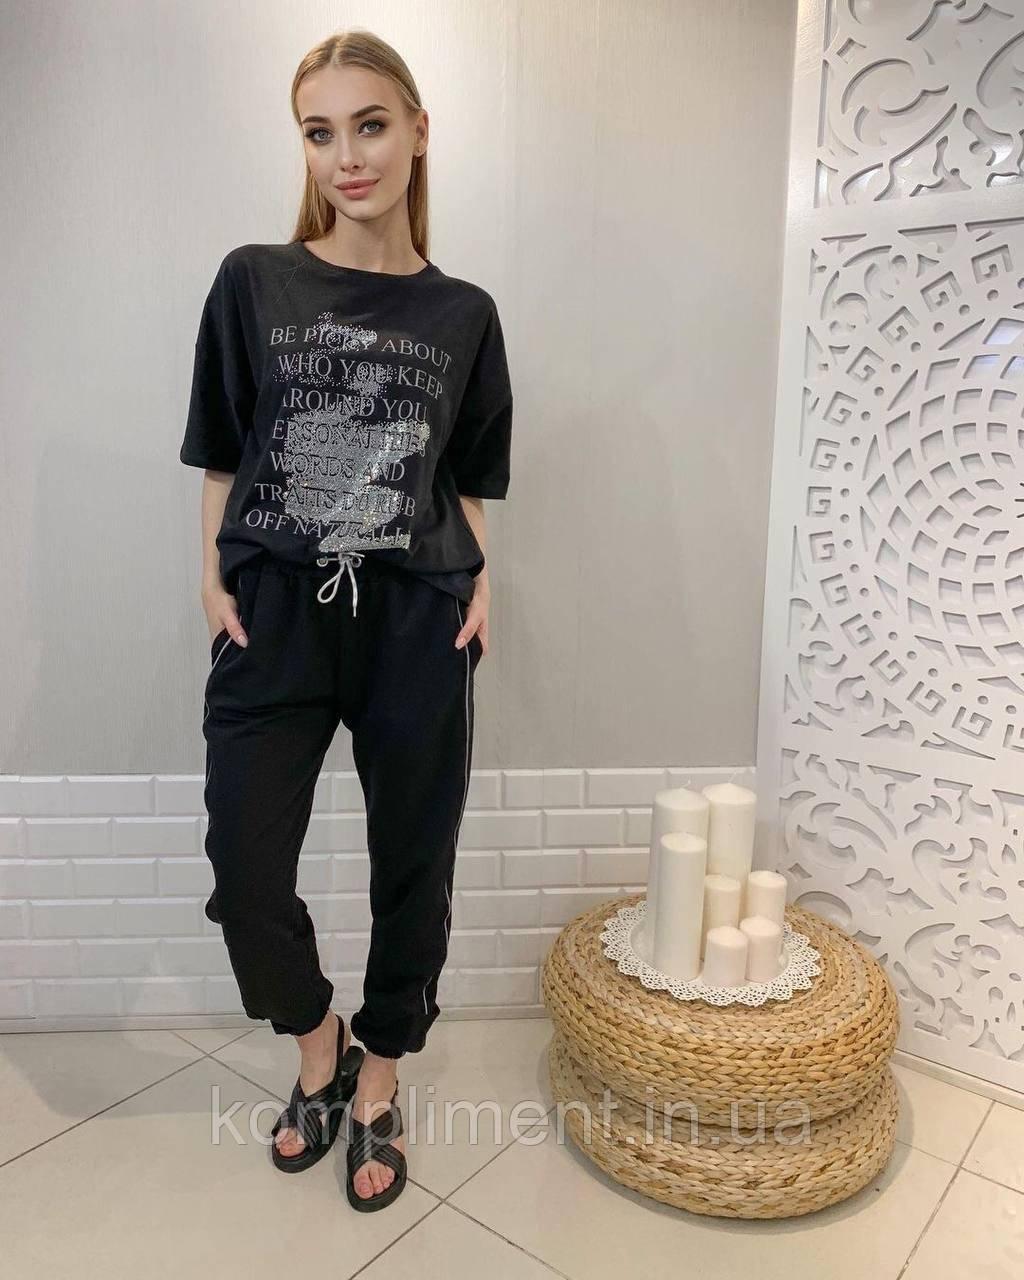 Турецкая женская трикотажная черная футболка с надписью и камнями, 7880